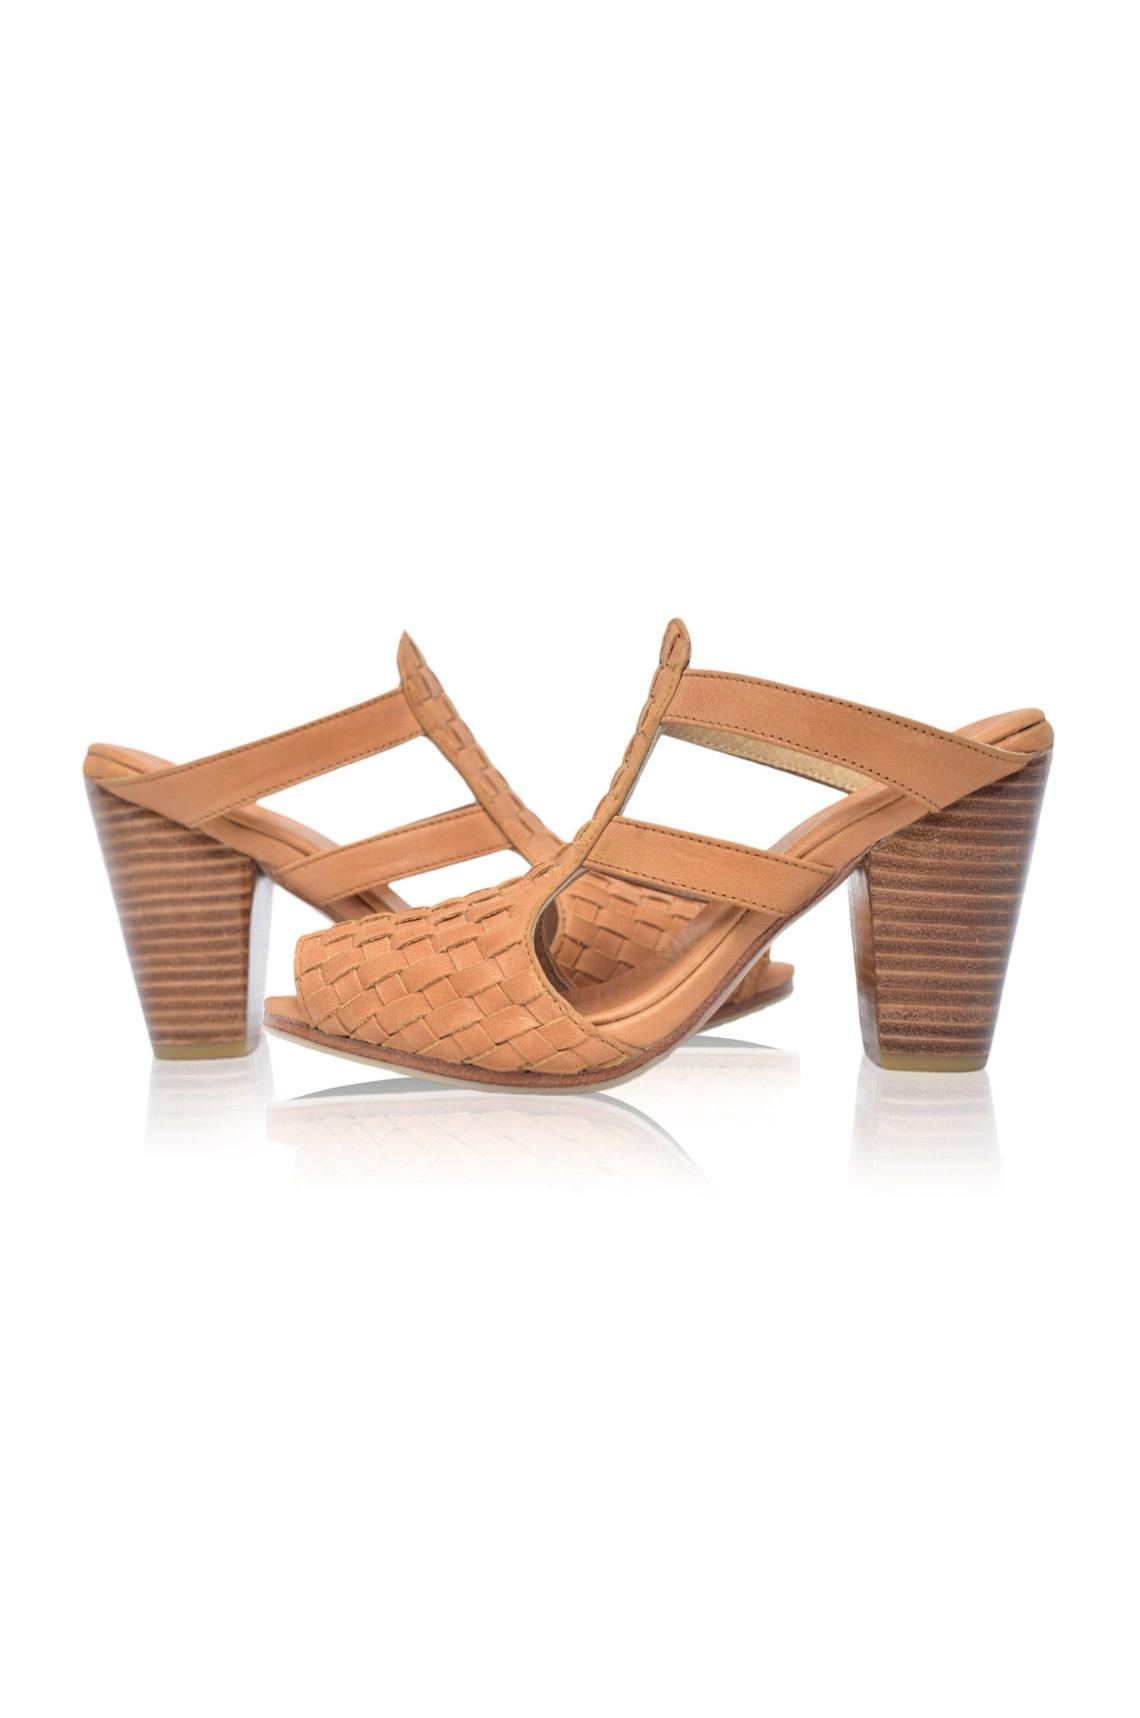 Venta. Sz. 7.5 & 8. Amane. Zapatos de tacón de bloque ? zapatos de tacón alto zapatos descalzos zapatos de boda boho sandalias de cuero tacones altos Mulas